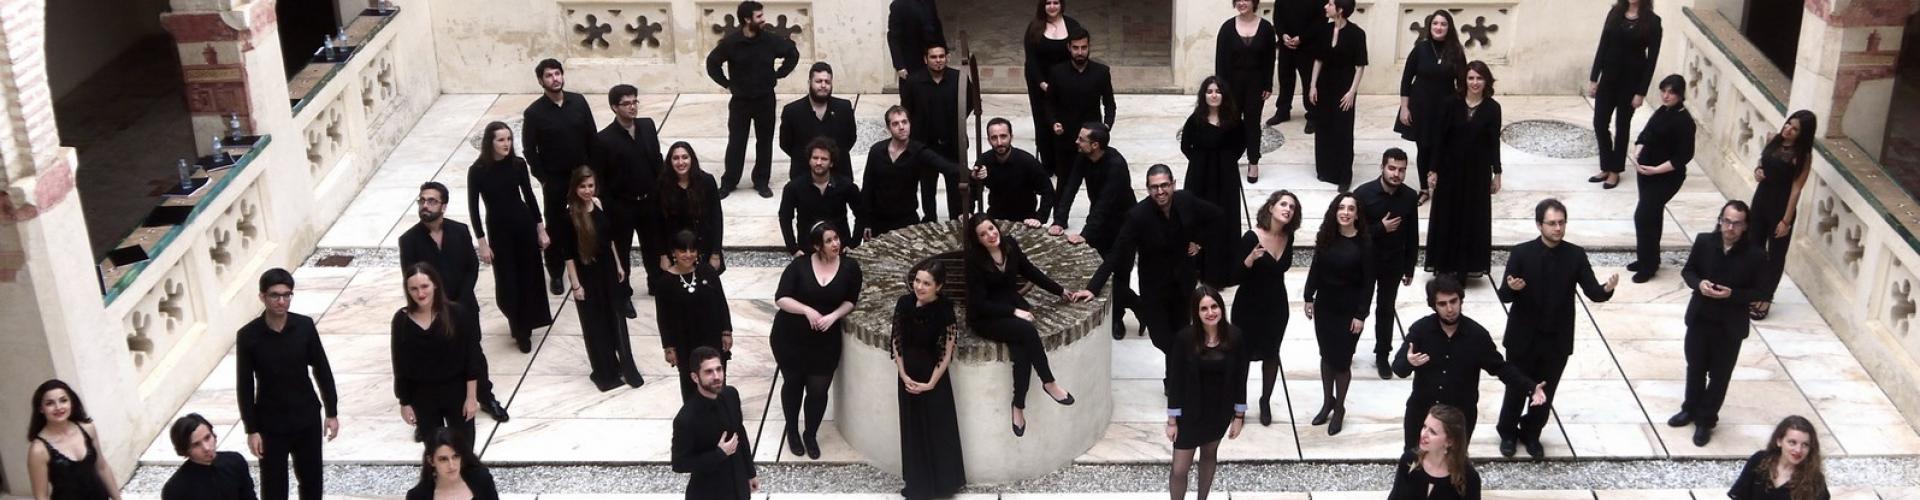 Joven Coro de Andalucía en el Monasterio San Isidoro del Campo (Santiponce). 5 abril 2015 @ Foto: Cristobal Romero